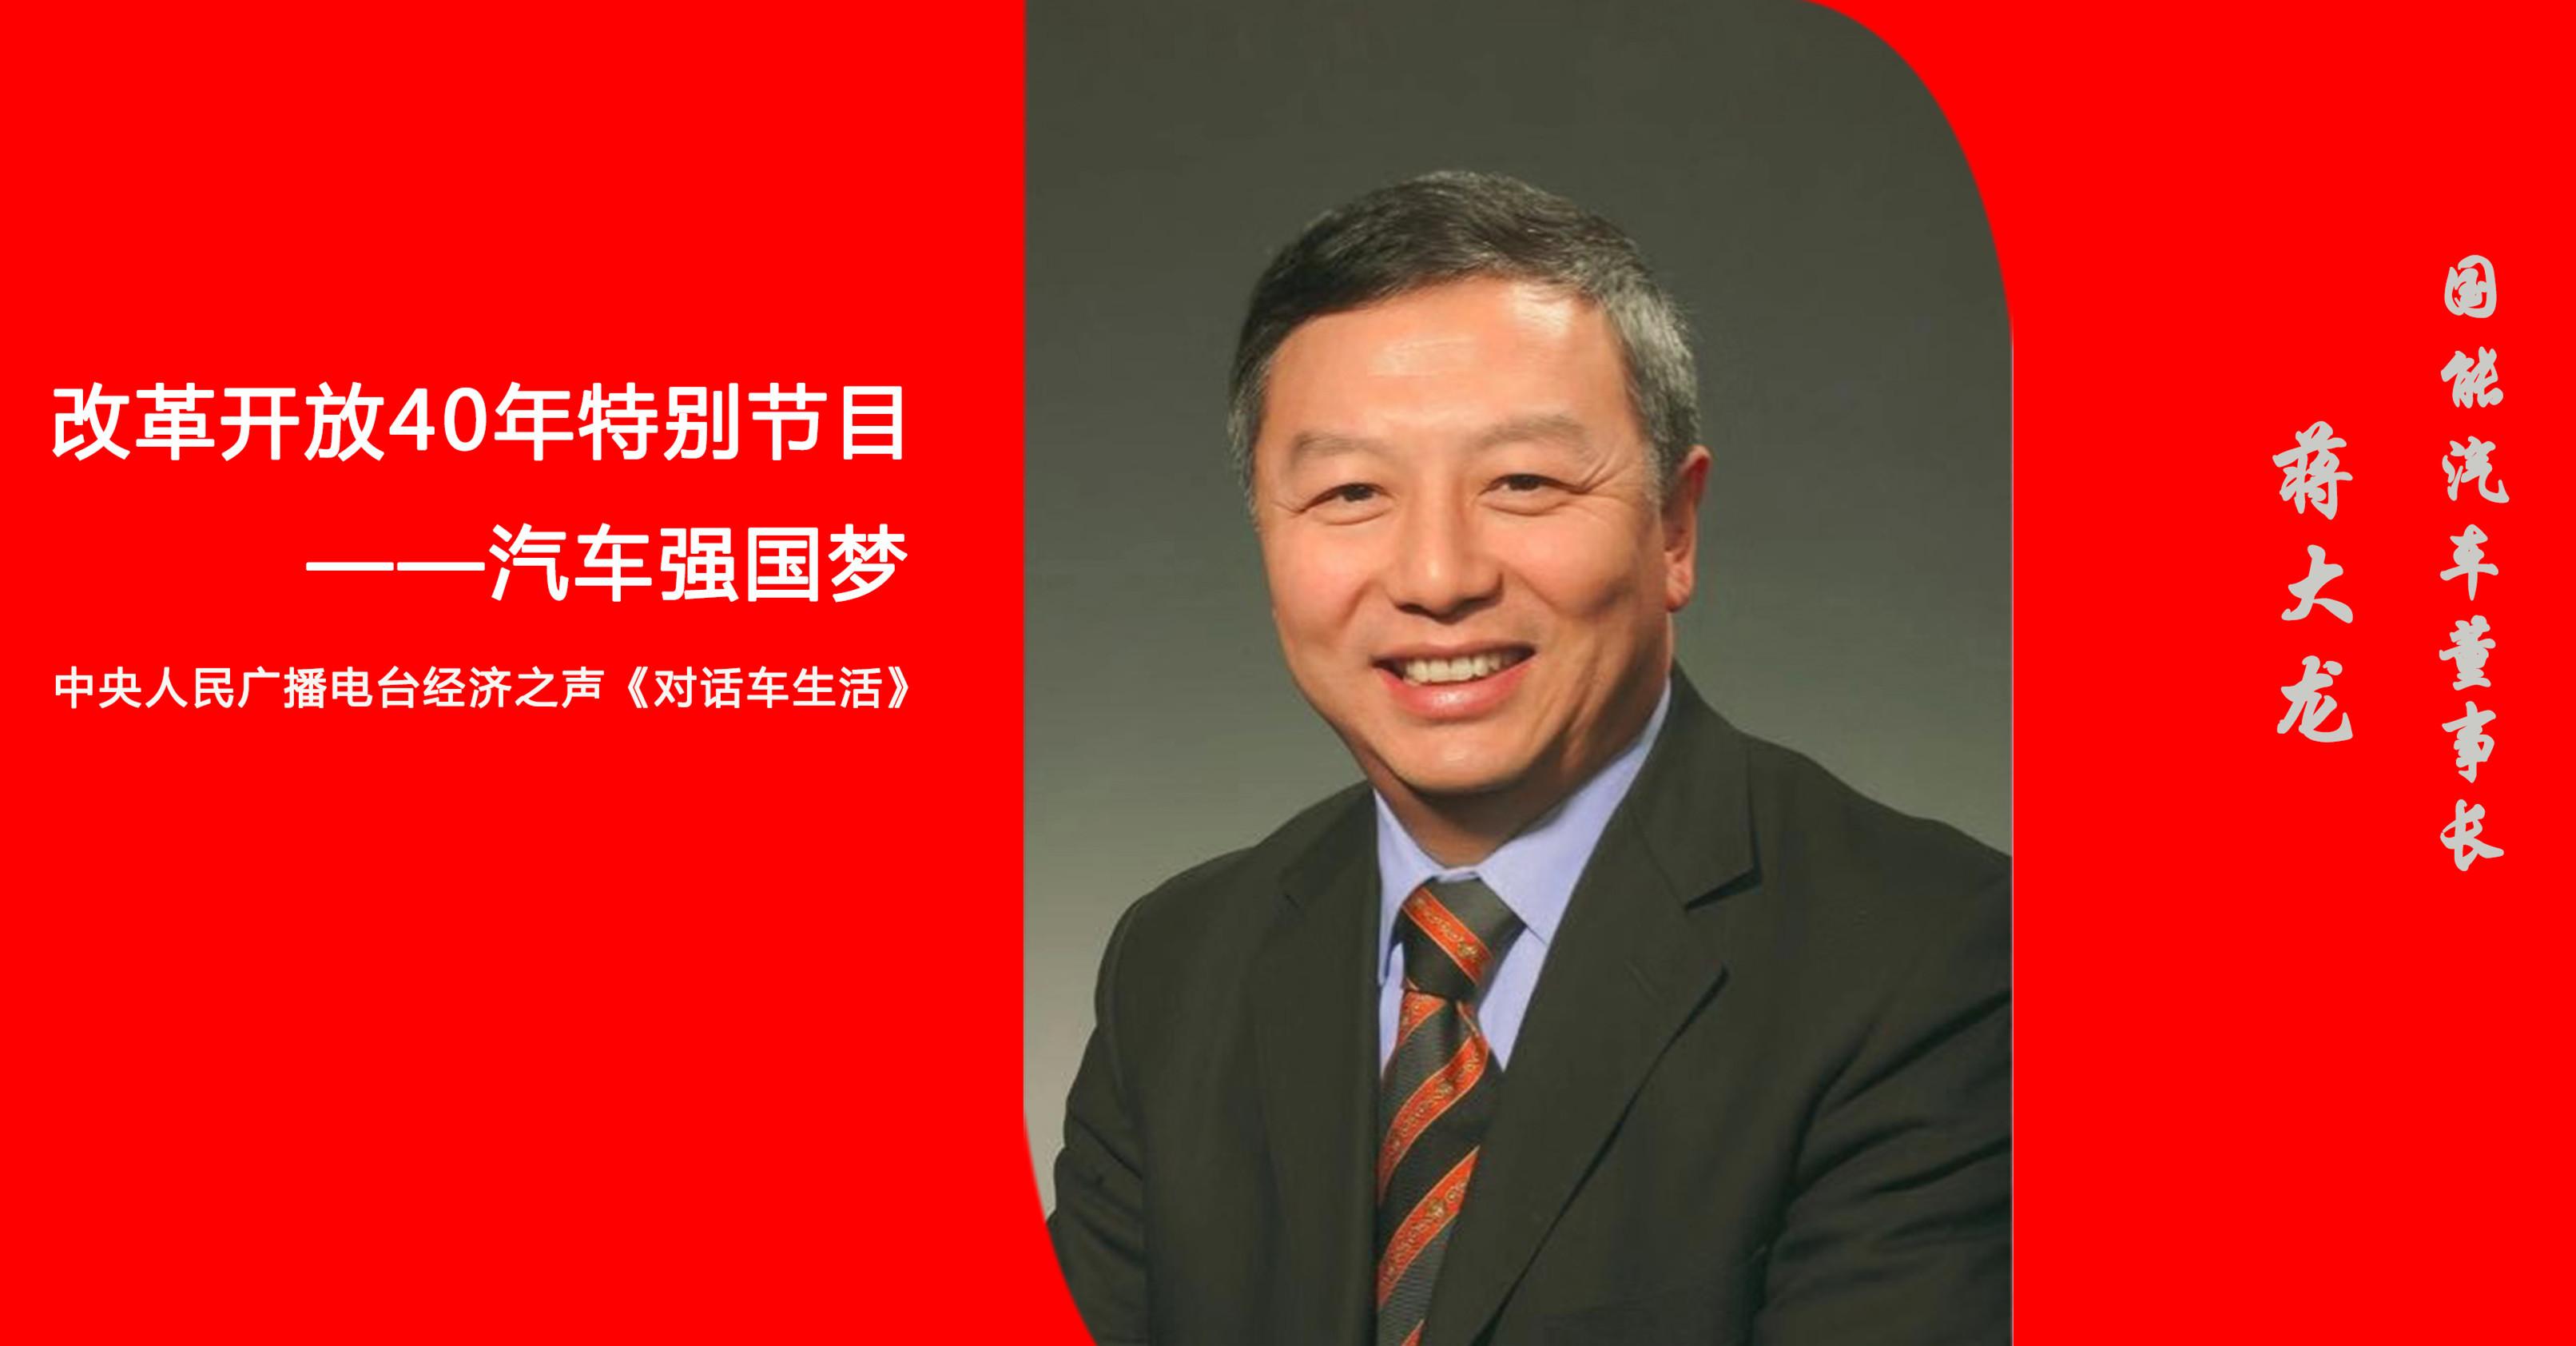 汽车人物专访:国能汽车董事长蒋大龙(四)